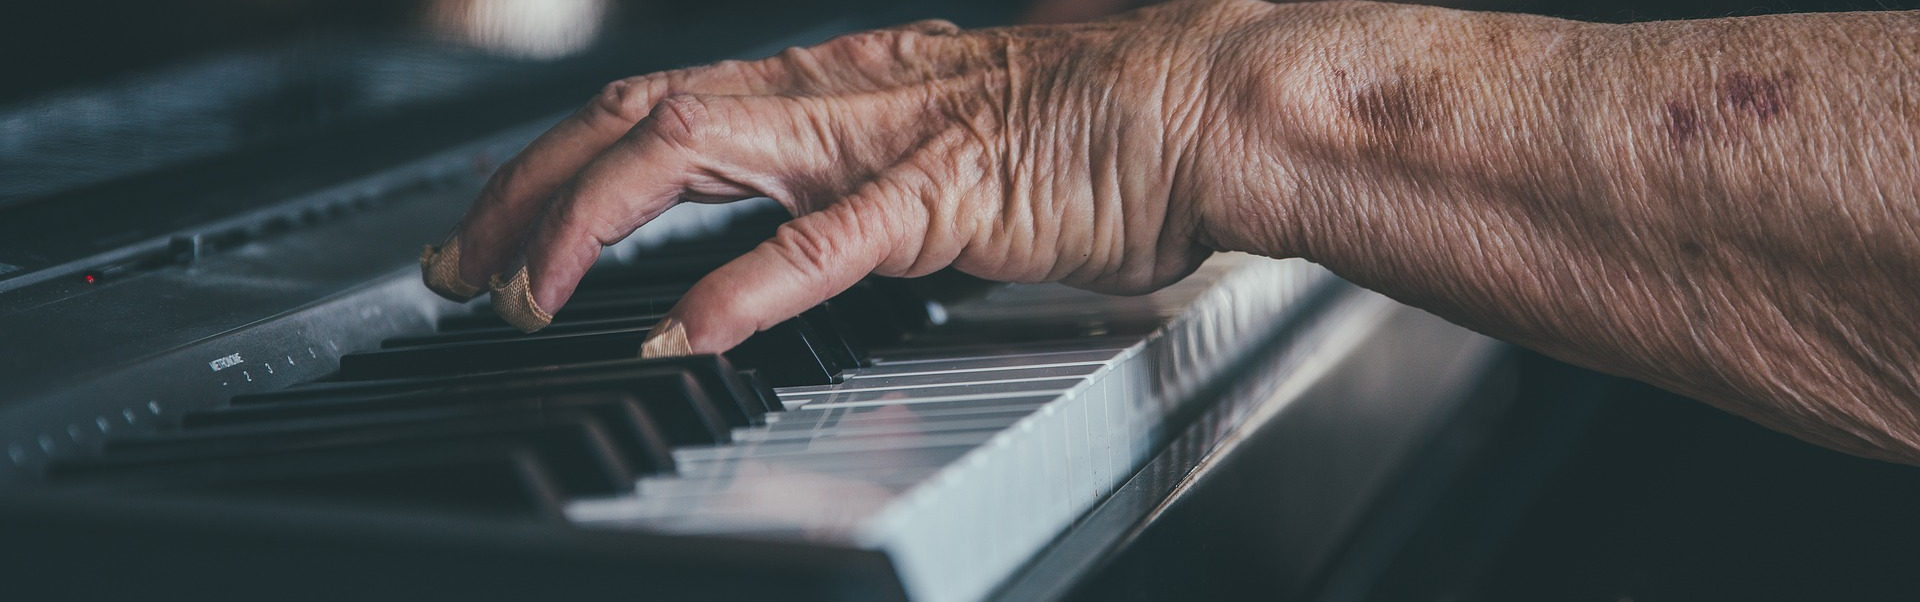 Lernen, als Erwachsener Klavier zu spielen